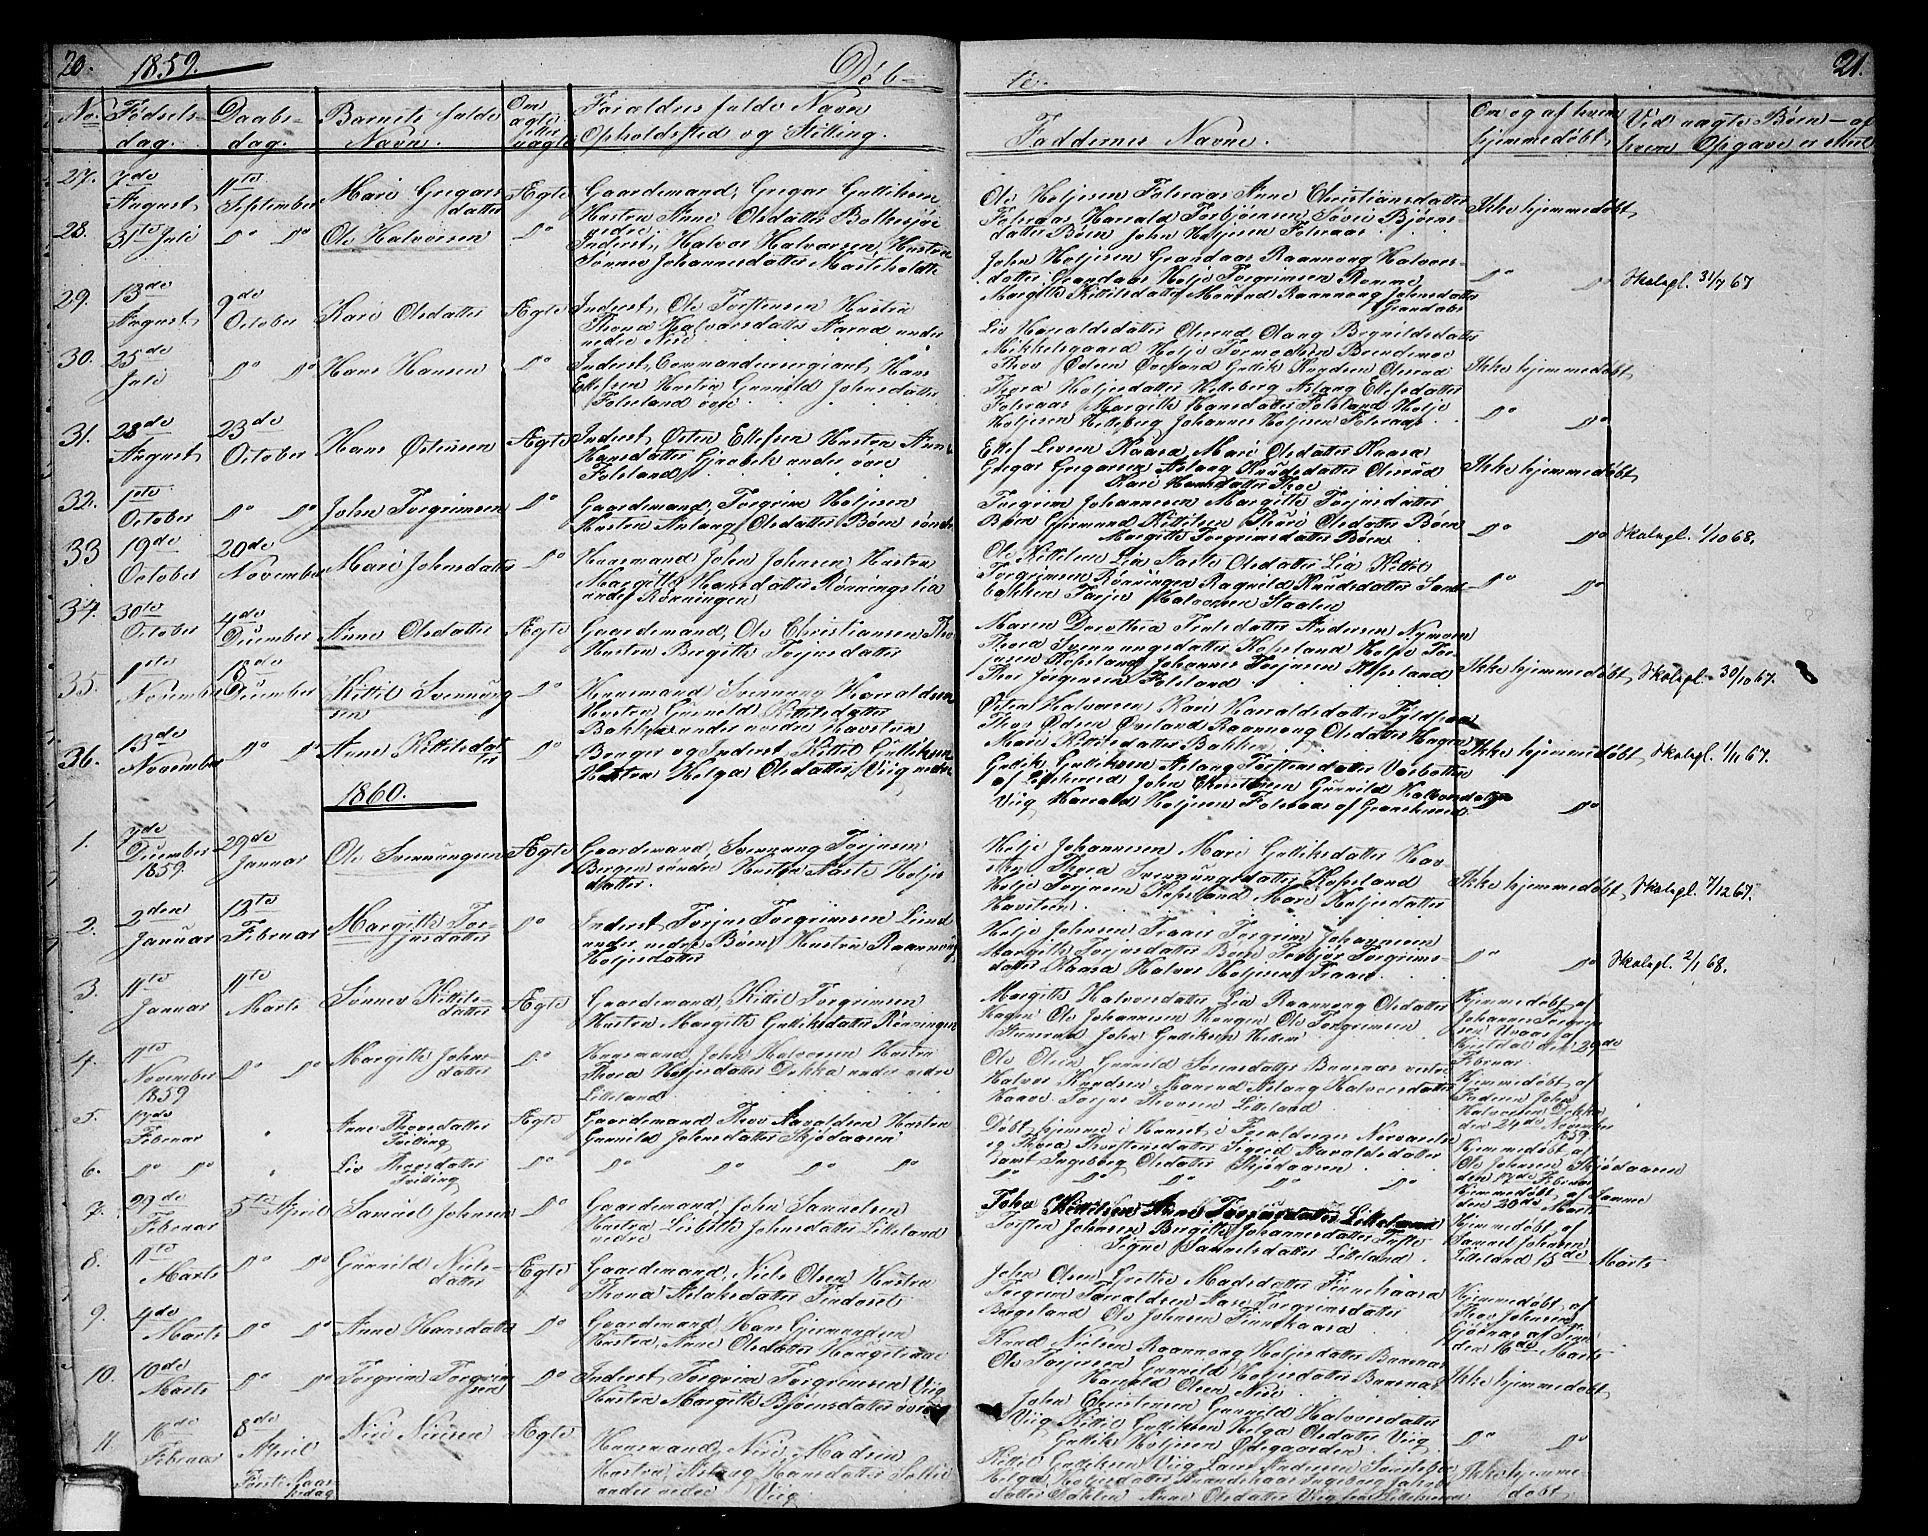 SAKO, Gransherad kirkebøker, G/Ga/L0002: Klokkerbok nr. I 2, 1854-1886, s. 20-21